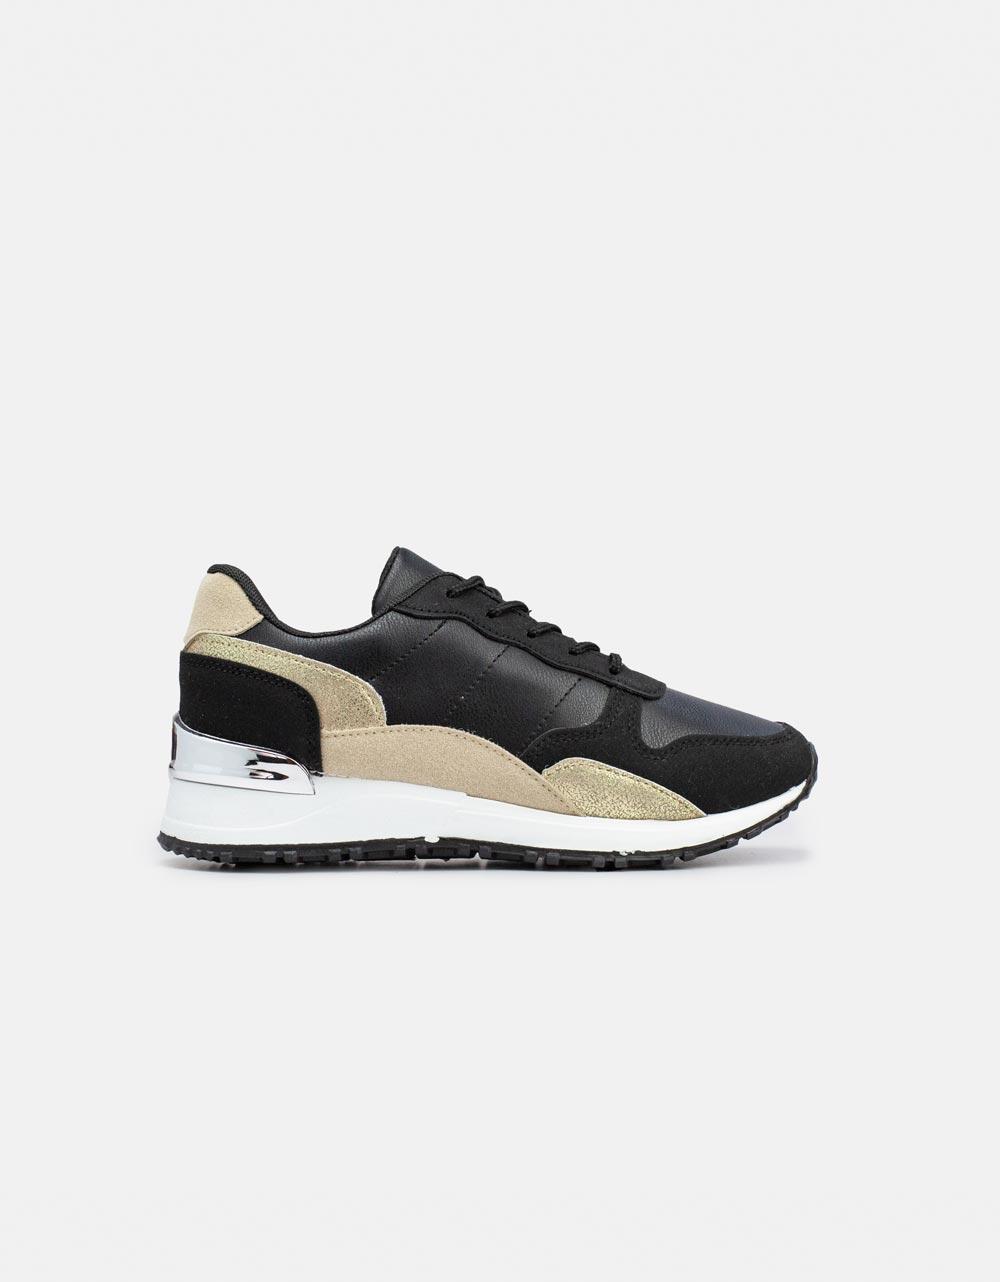 Εικόνα από Γυναικεία sneakers σε συνδυασμούς χρωμάτων Μαύρο/Χρυσό